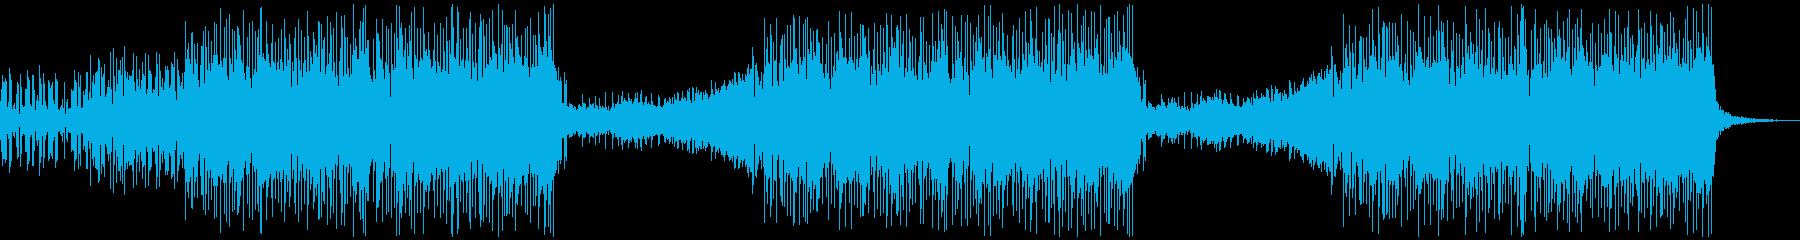 クール/かっこいい/軽快な洋楽ハウスの再生済みの波形